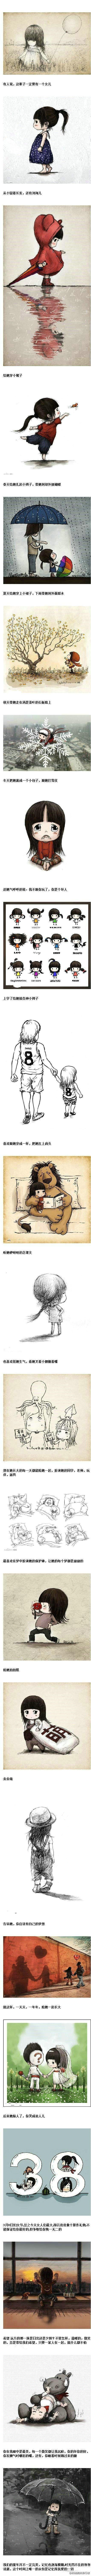 【看完心都化了,她爸爸给她画的】Wish I knew the translations but these look like Asian Precious Moments